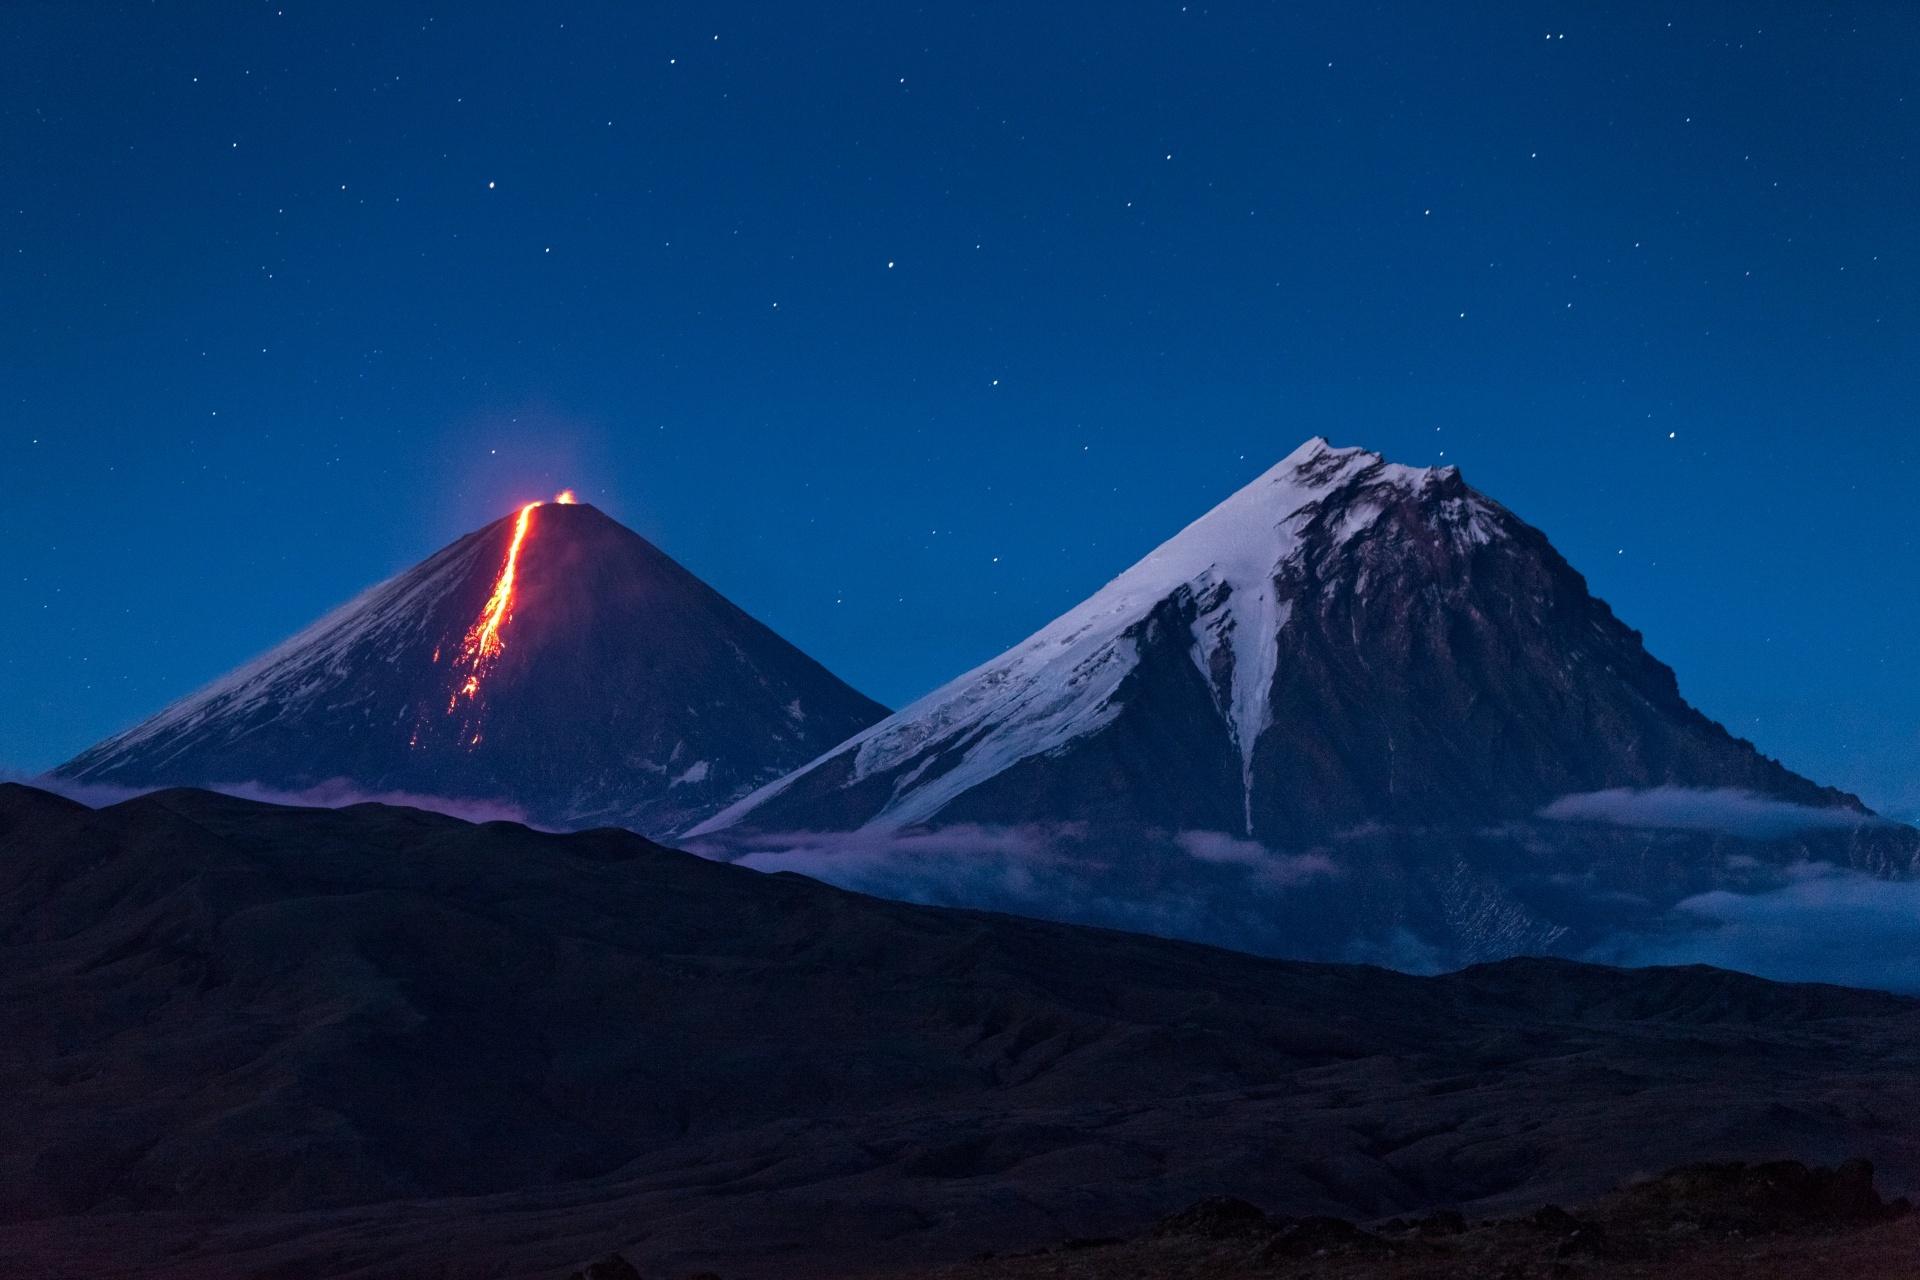 夜の火山 カムチャツカ半島 ロシアの風景